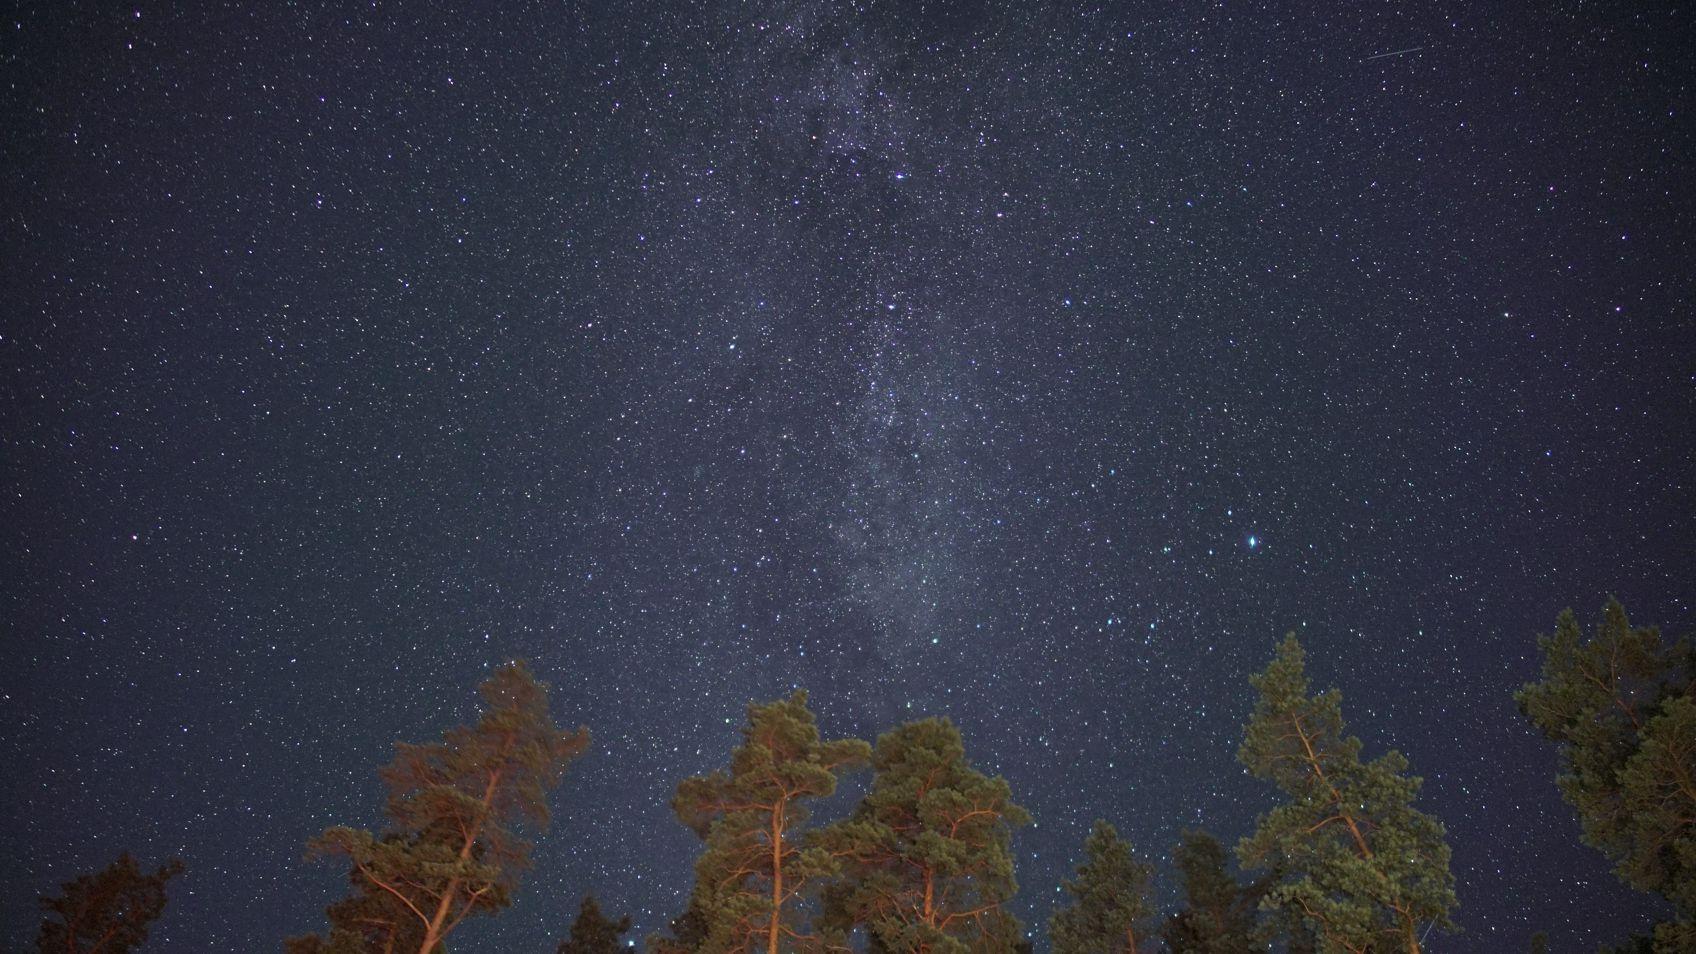 Jak uchwycić na zdjęciu rozgwieżdżone niebo?